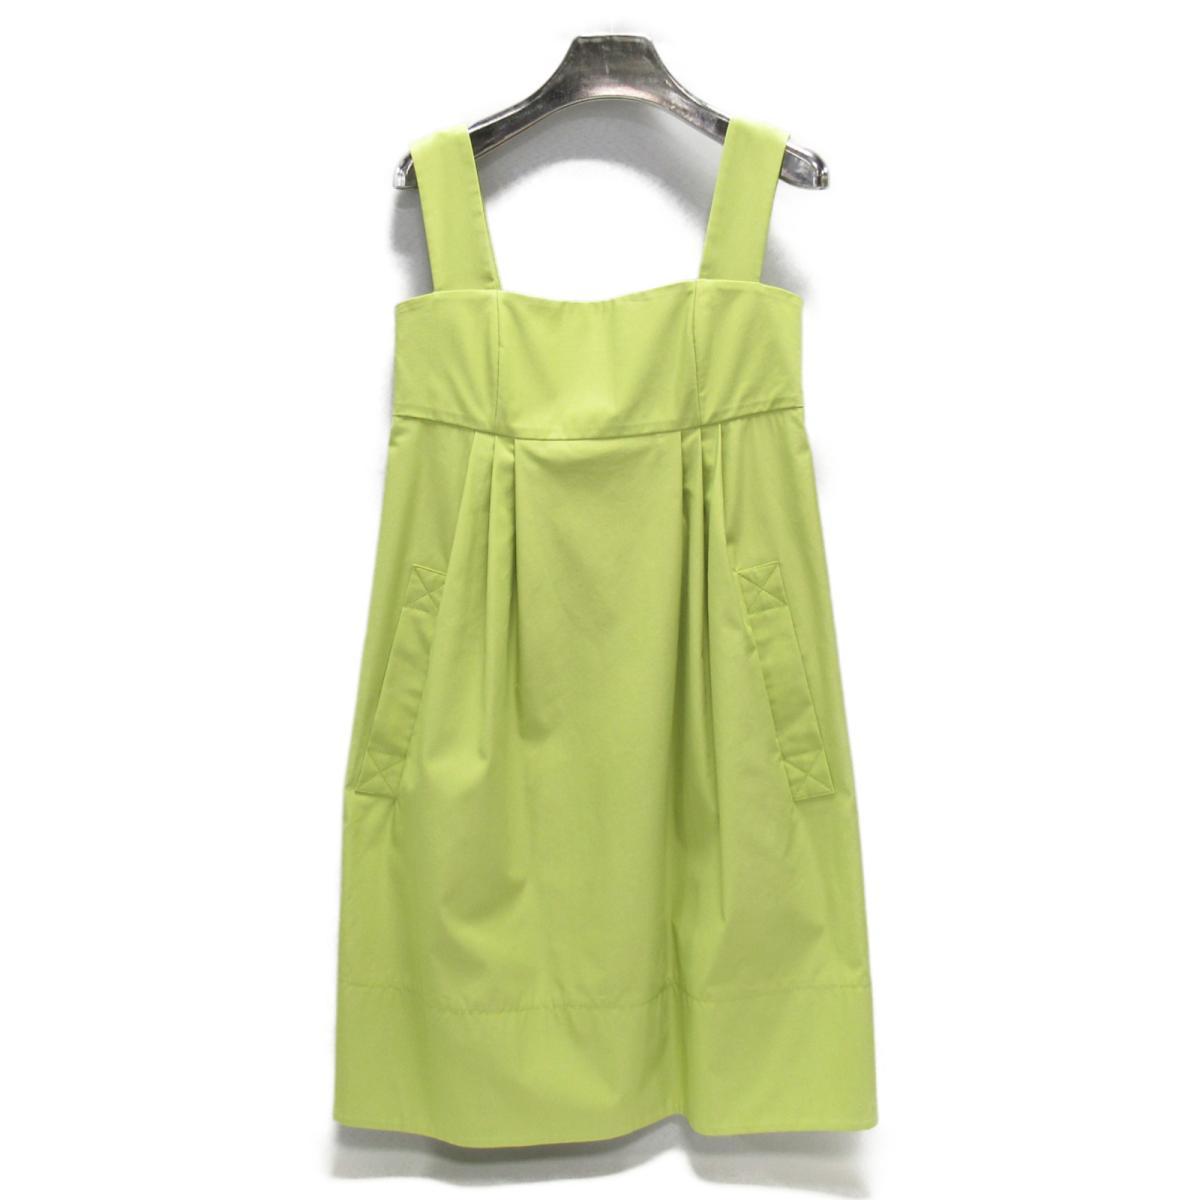 【中古】 フォクシーニューヨーク ワンピース レディース コットン (57%) x ポリエステル (43%) ライトグリーン | FOXEY NEW YORK BRANDOFF ブランドオフ 衣料品 衣類 ブランド